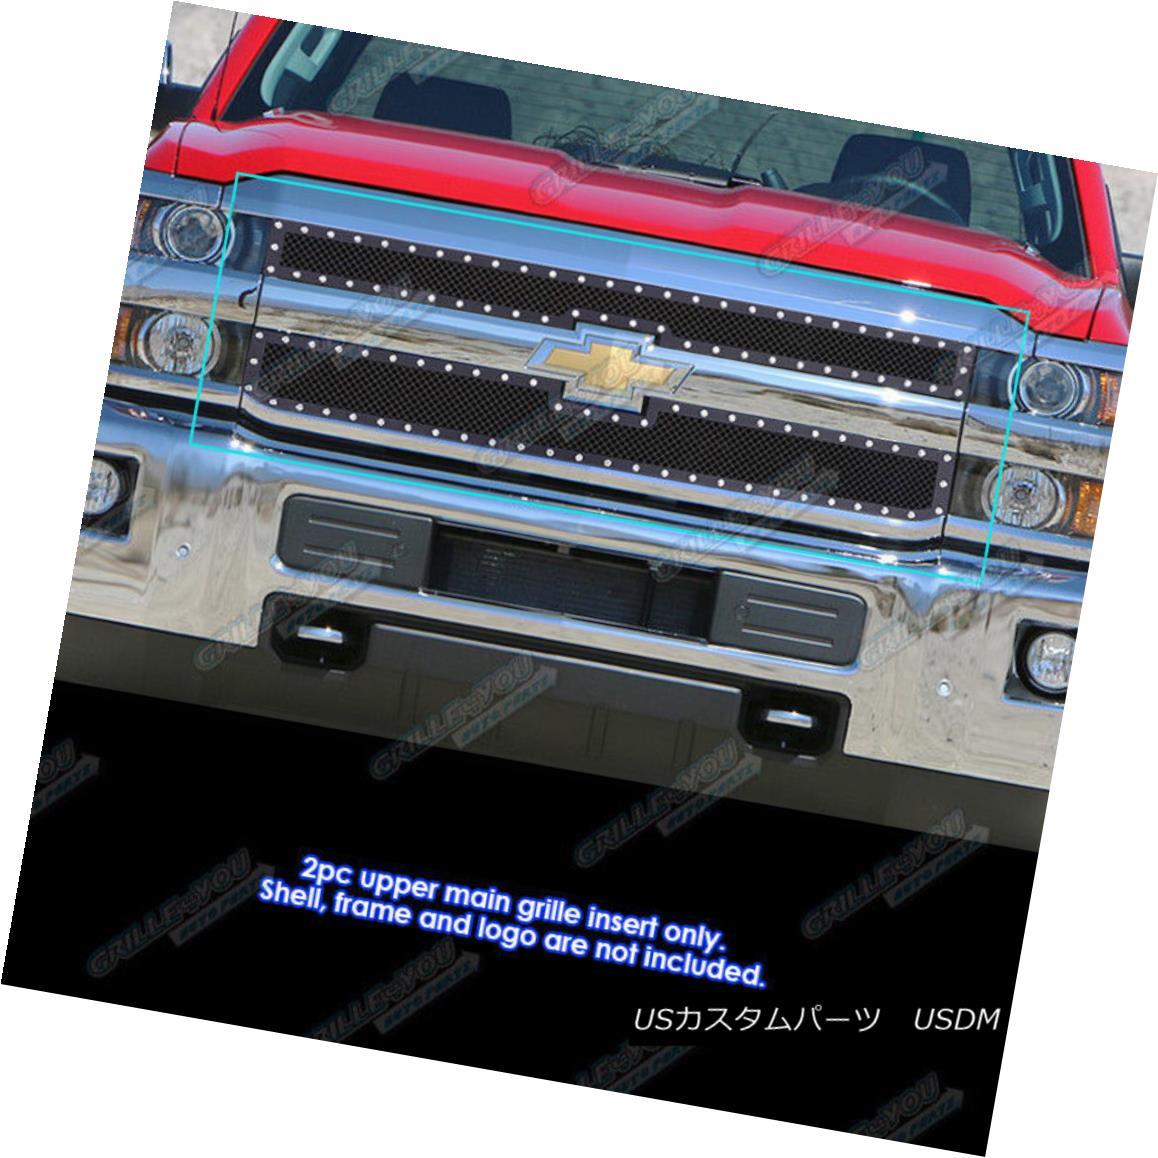 グリル For 2015-2017 Chevy Silverado 2500HD/ 3500HD Stainless Black Mesh Rivet Grille 2015-2017 Chevy Silverado 2500HD / 3500HDステンレスブラックメッシュリベットグリル